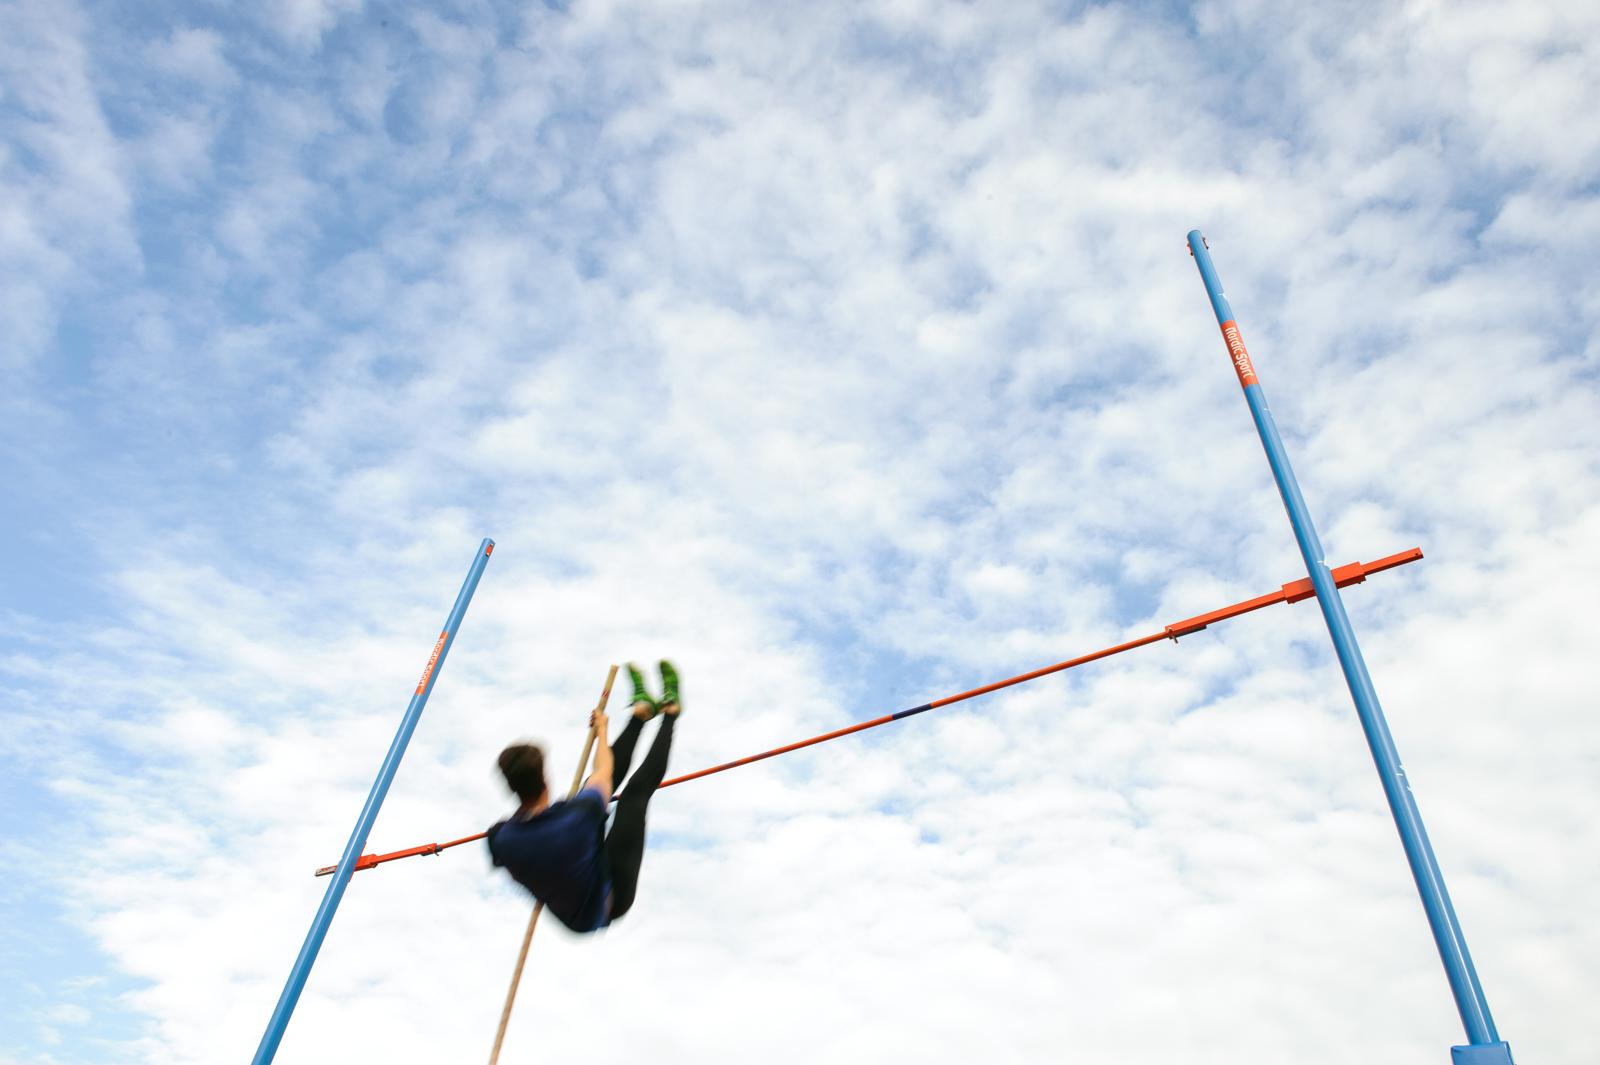 fotograaf Deventer-polsstok hoogspringen-atletiek-conceptfotografie-sportfotografie-website fotografie